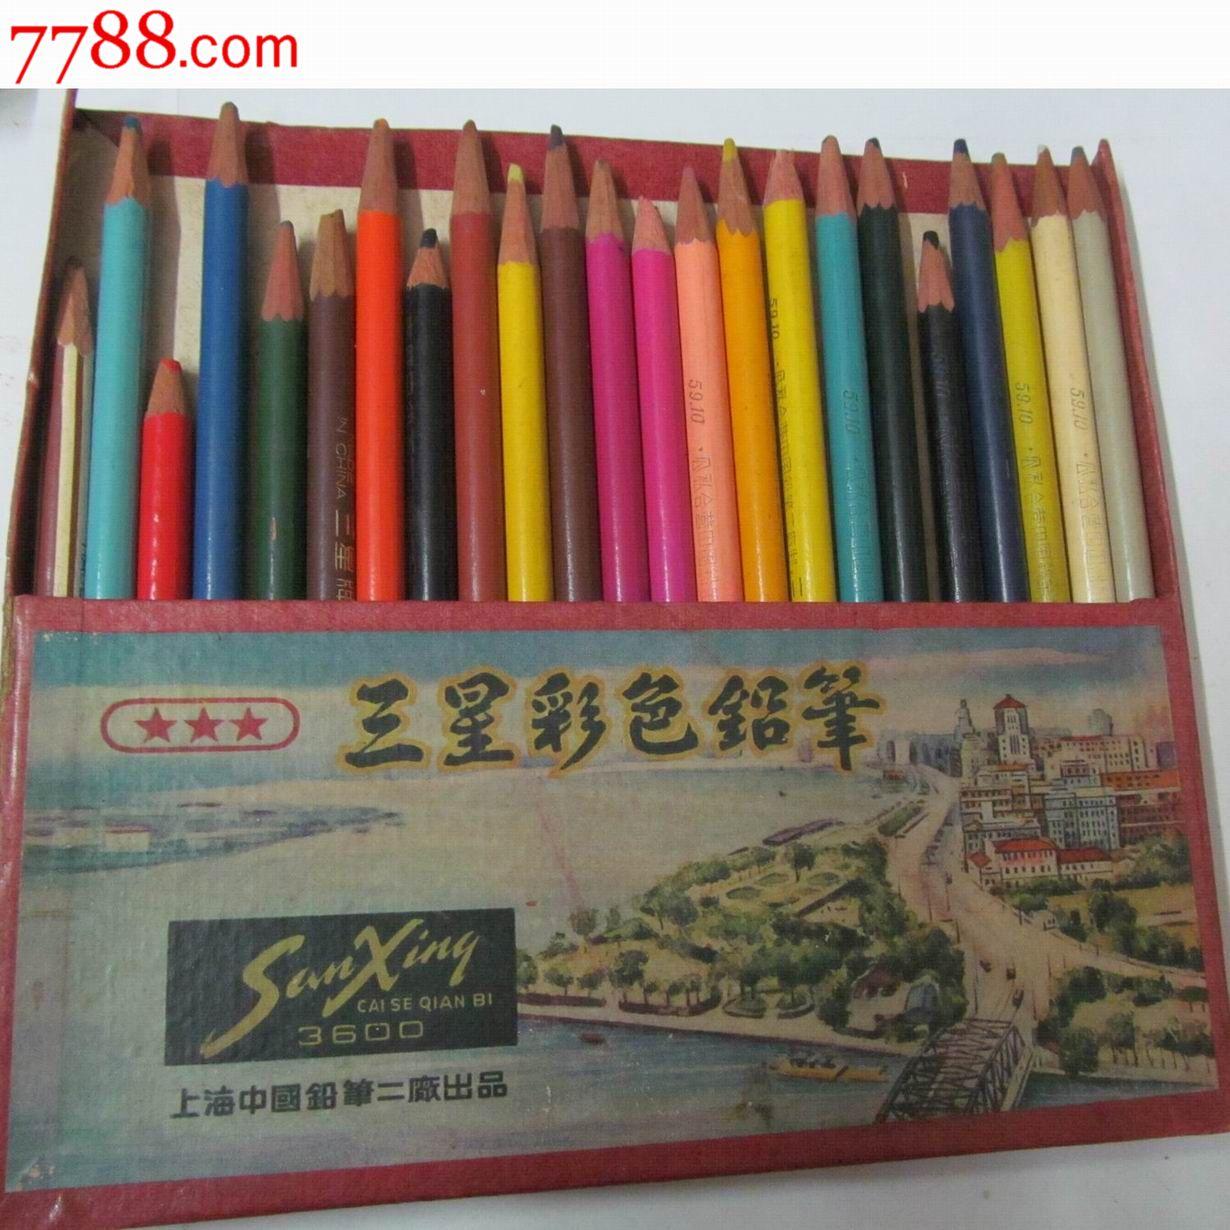 三星彩色�9aby.9/d��._五十年代三星彩色铅笔